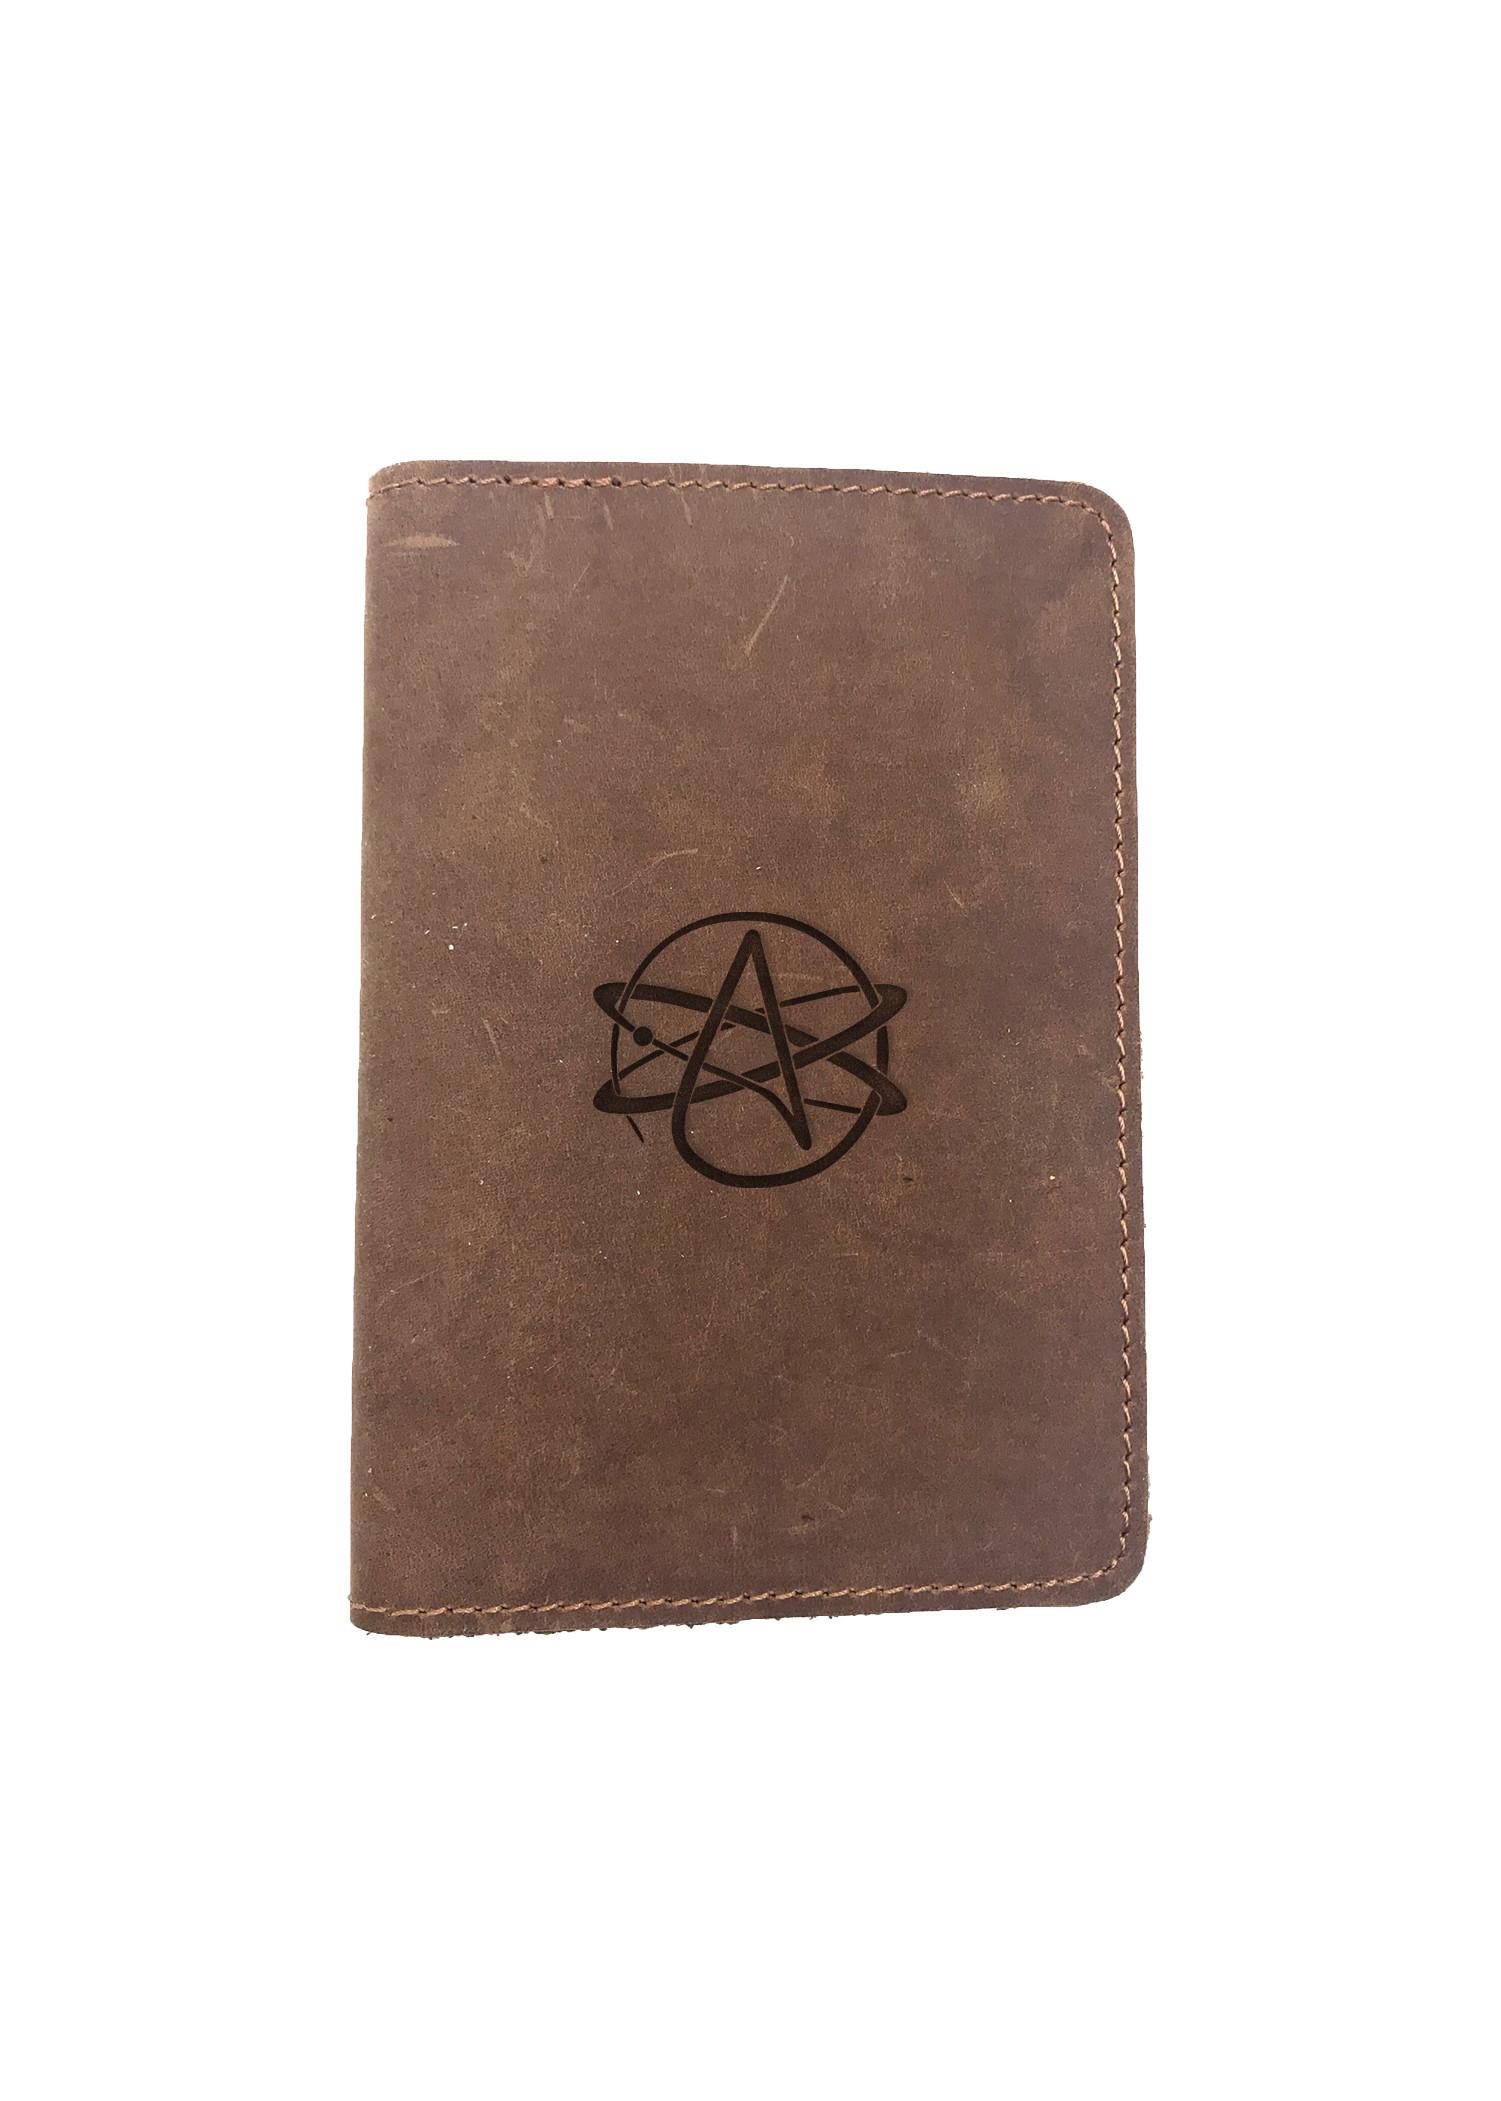 Passport Cover Bao Da Hộ Chiếu Da Sáp Khắc Hình Kí hiệu ATHEIST (BROWN)